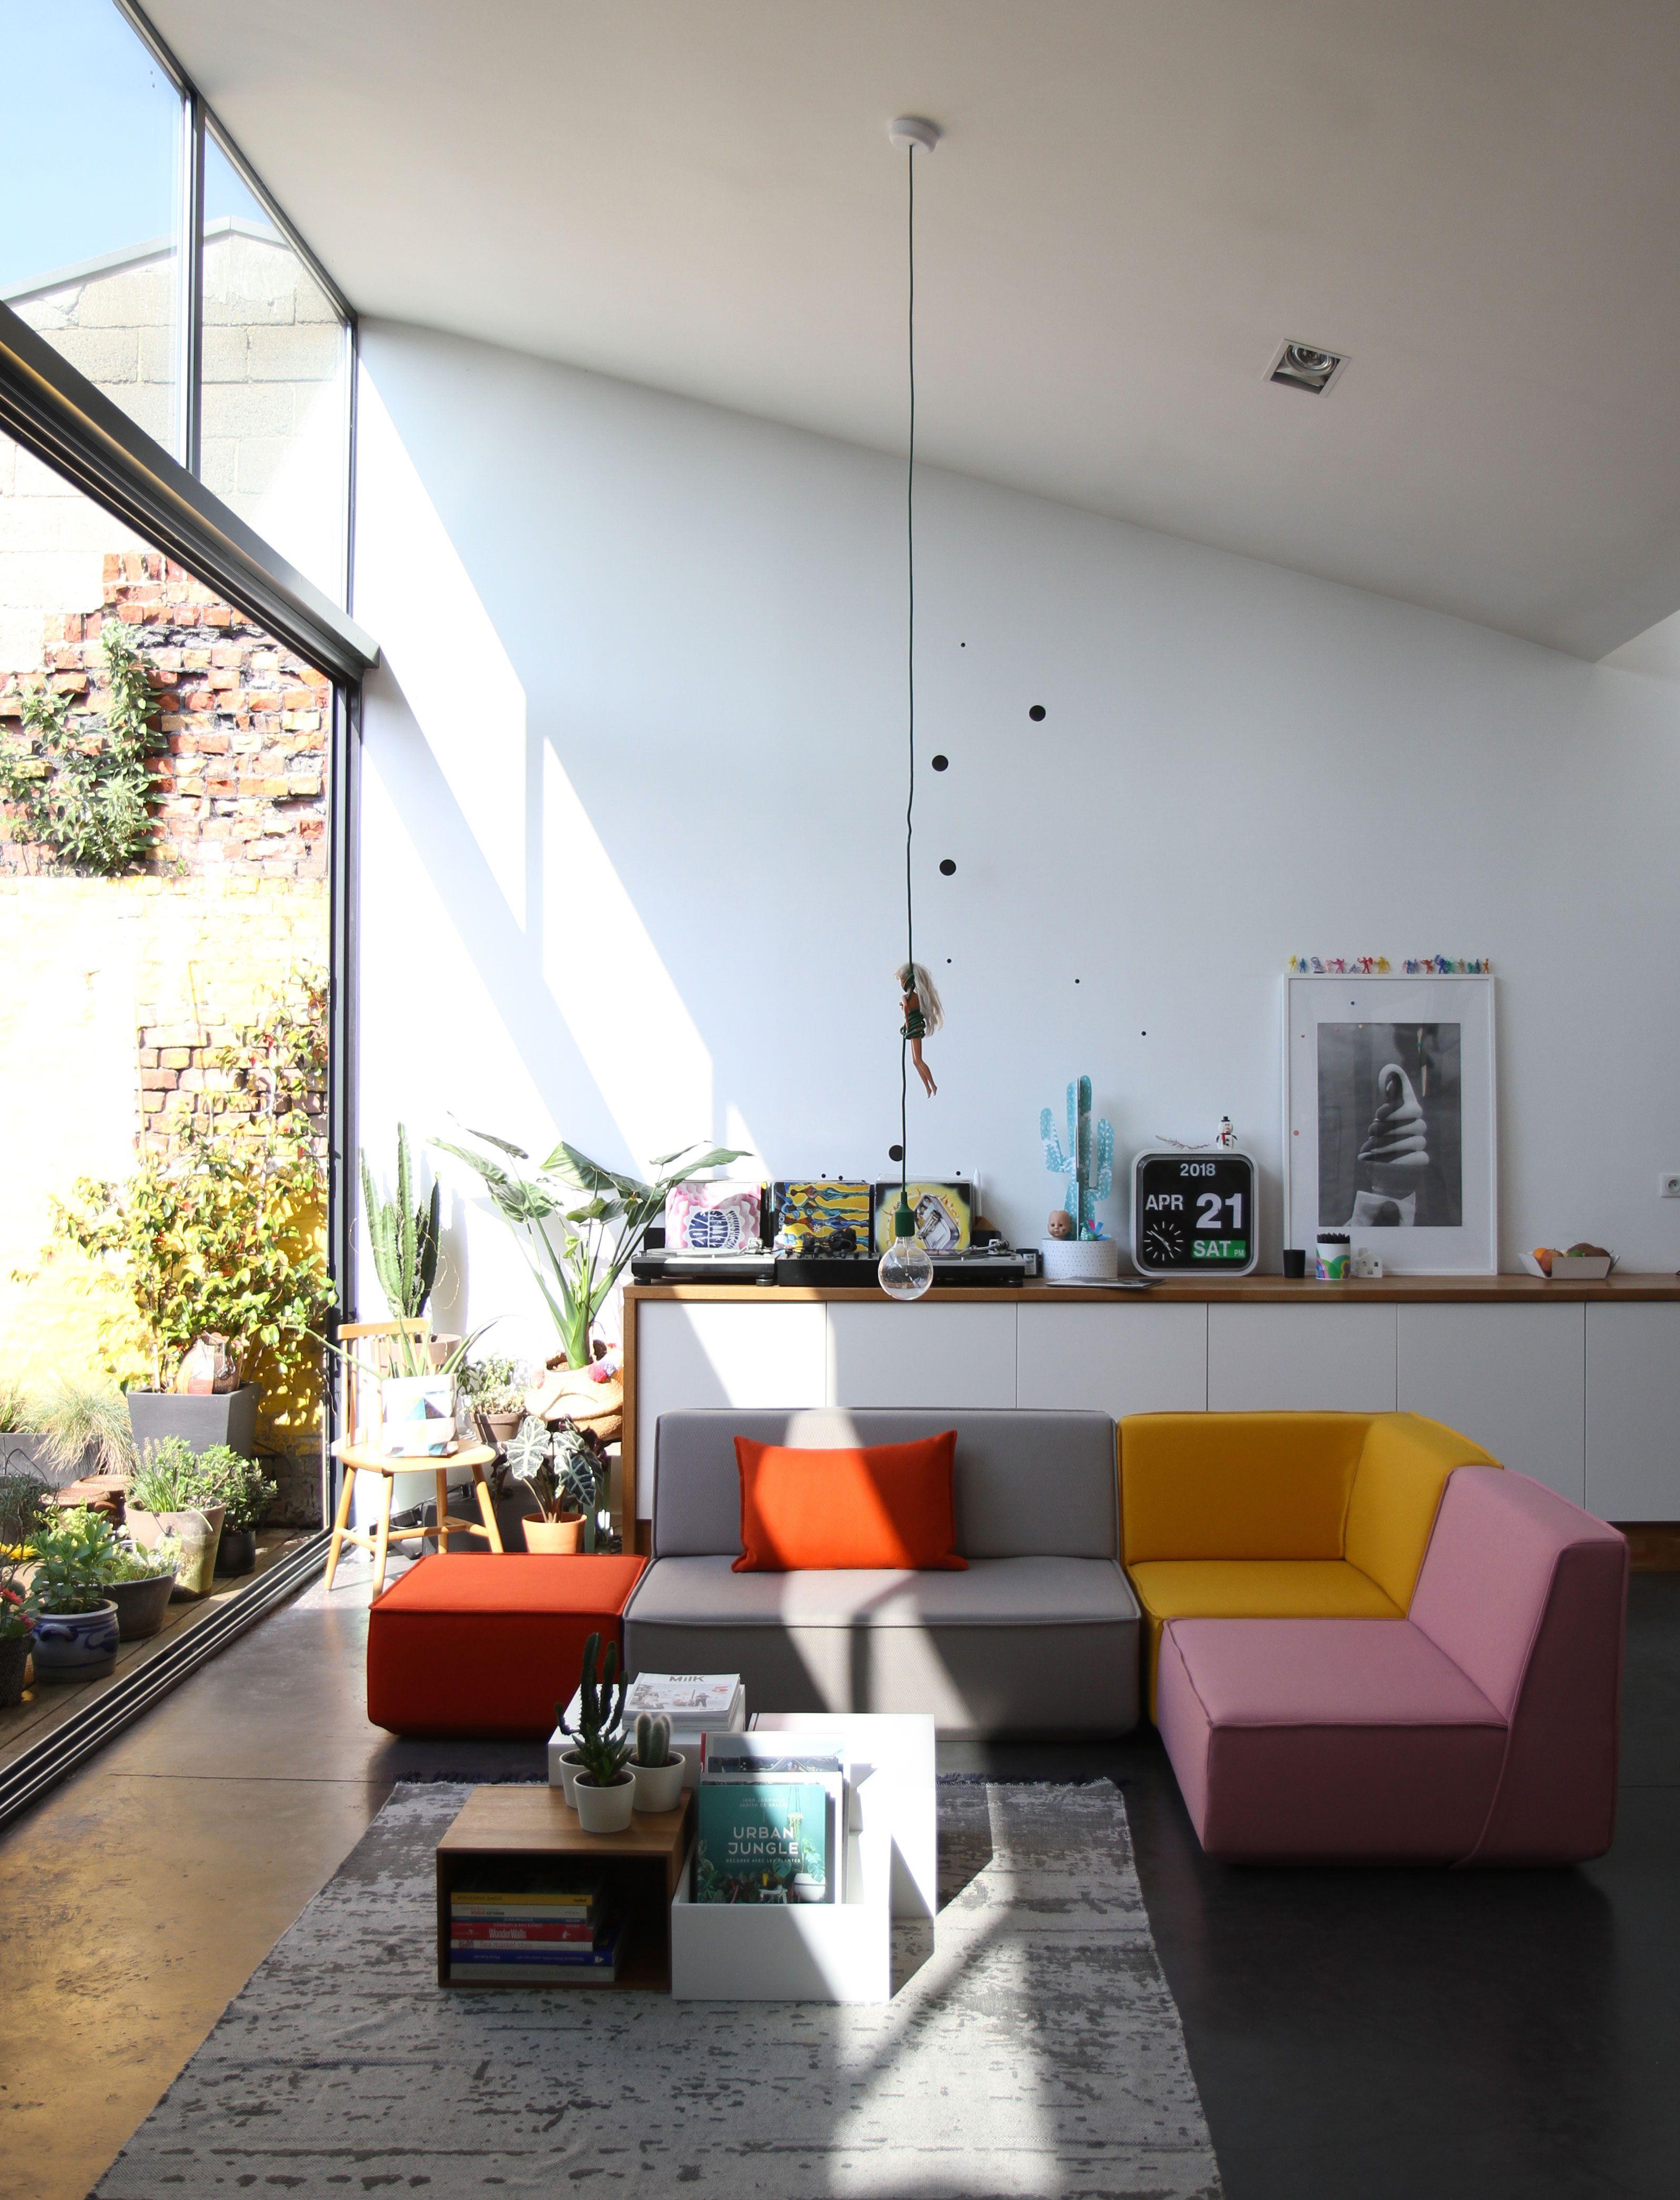 Photo of Modernes modulares Sofa in einem Dachboden